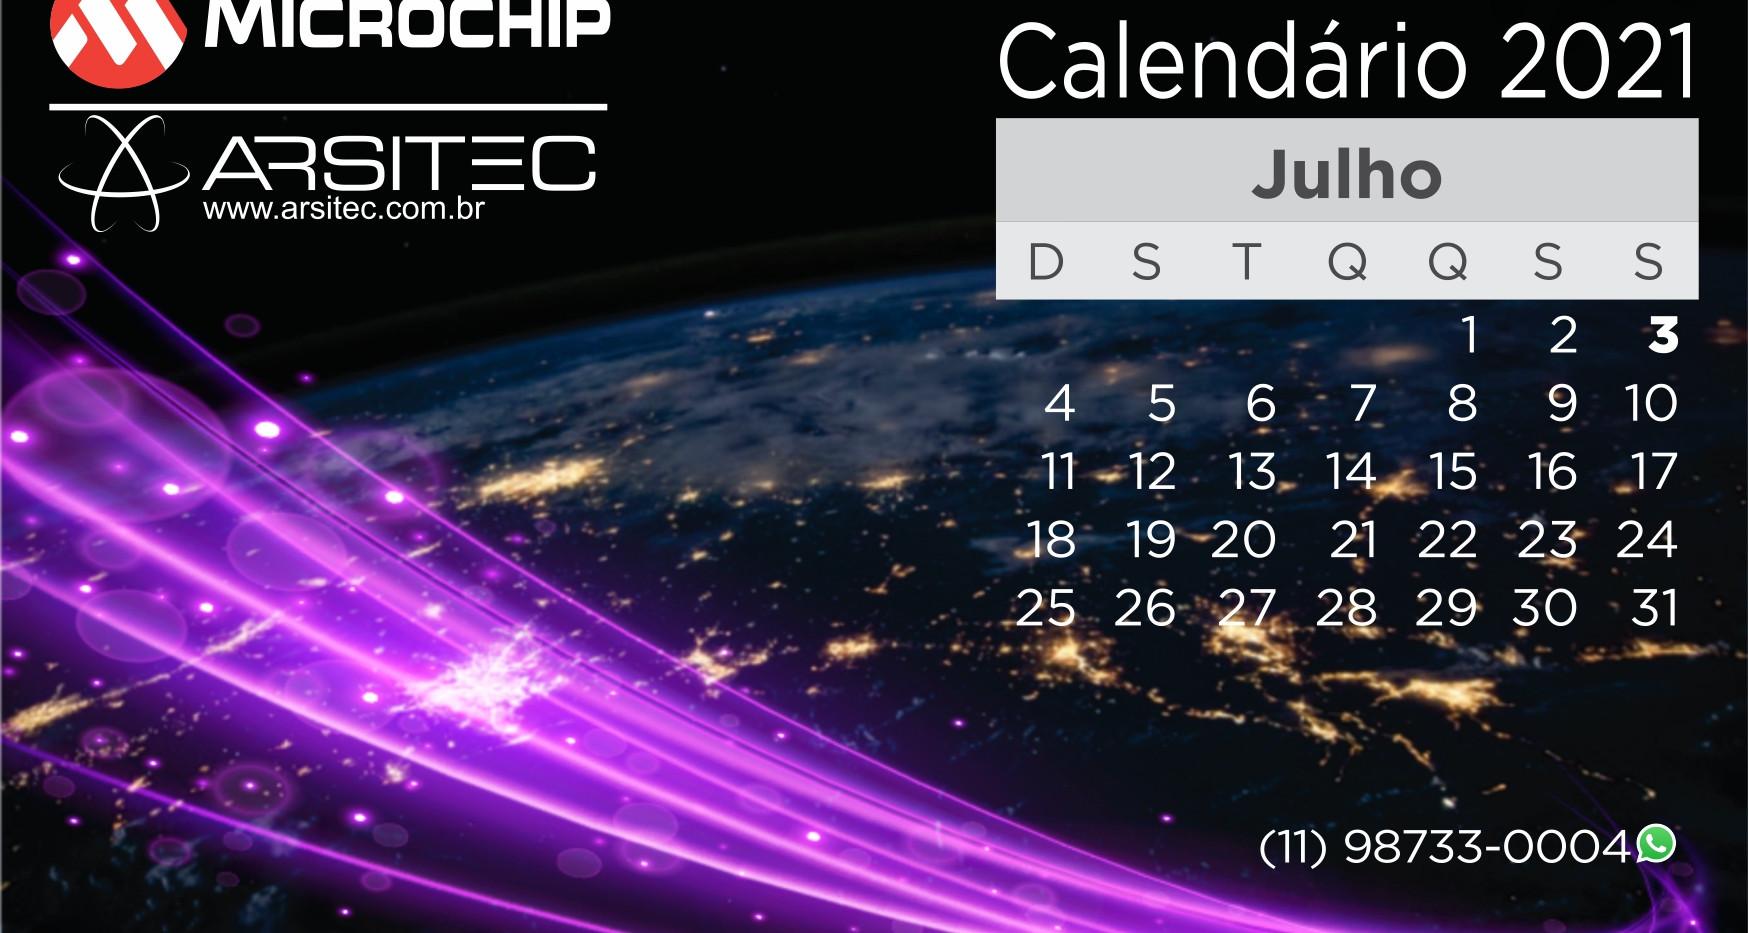 11 - Jul.jpg